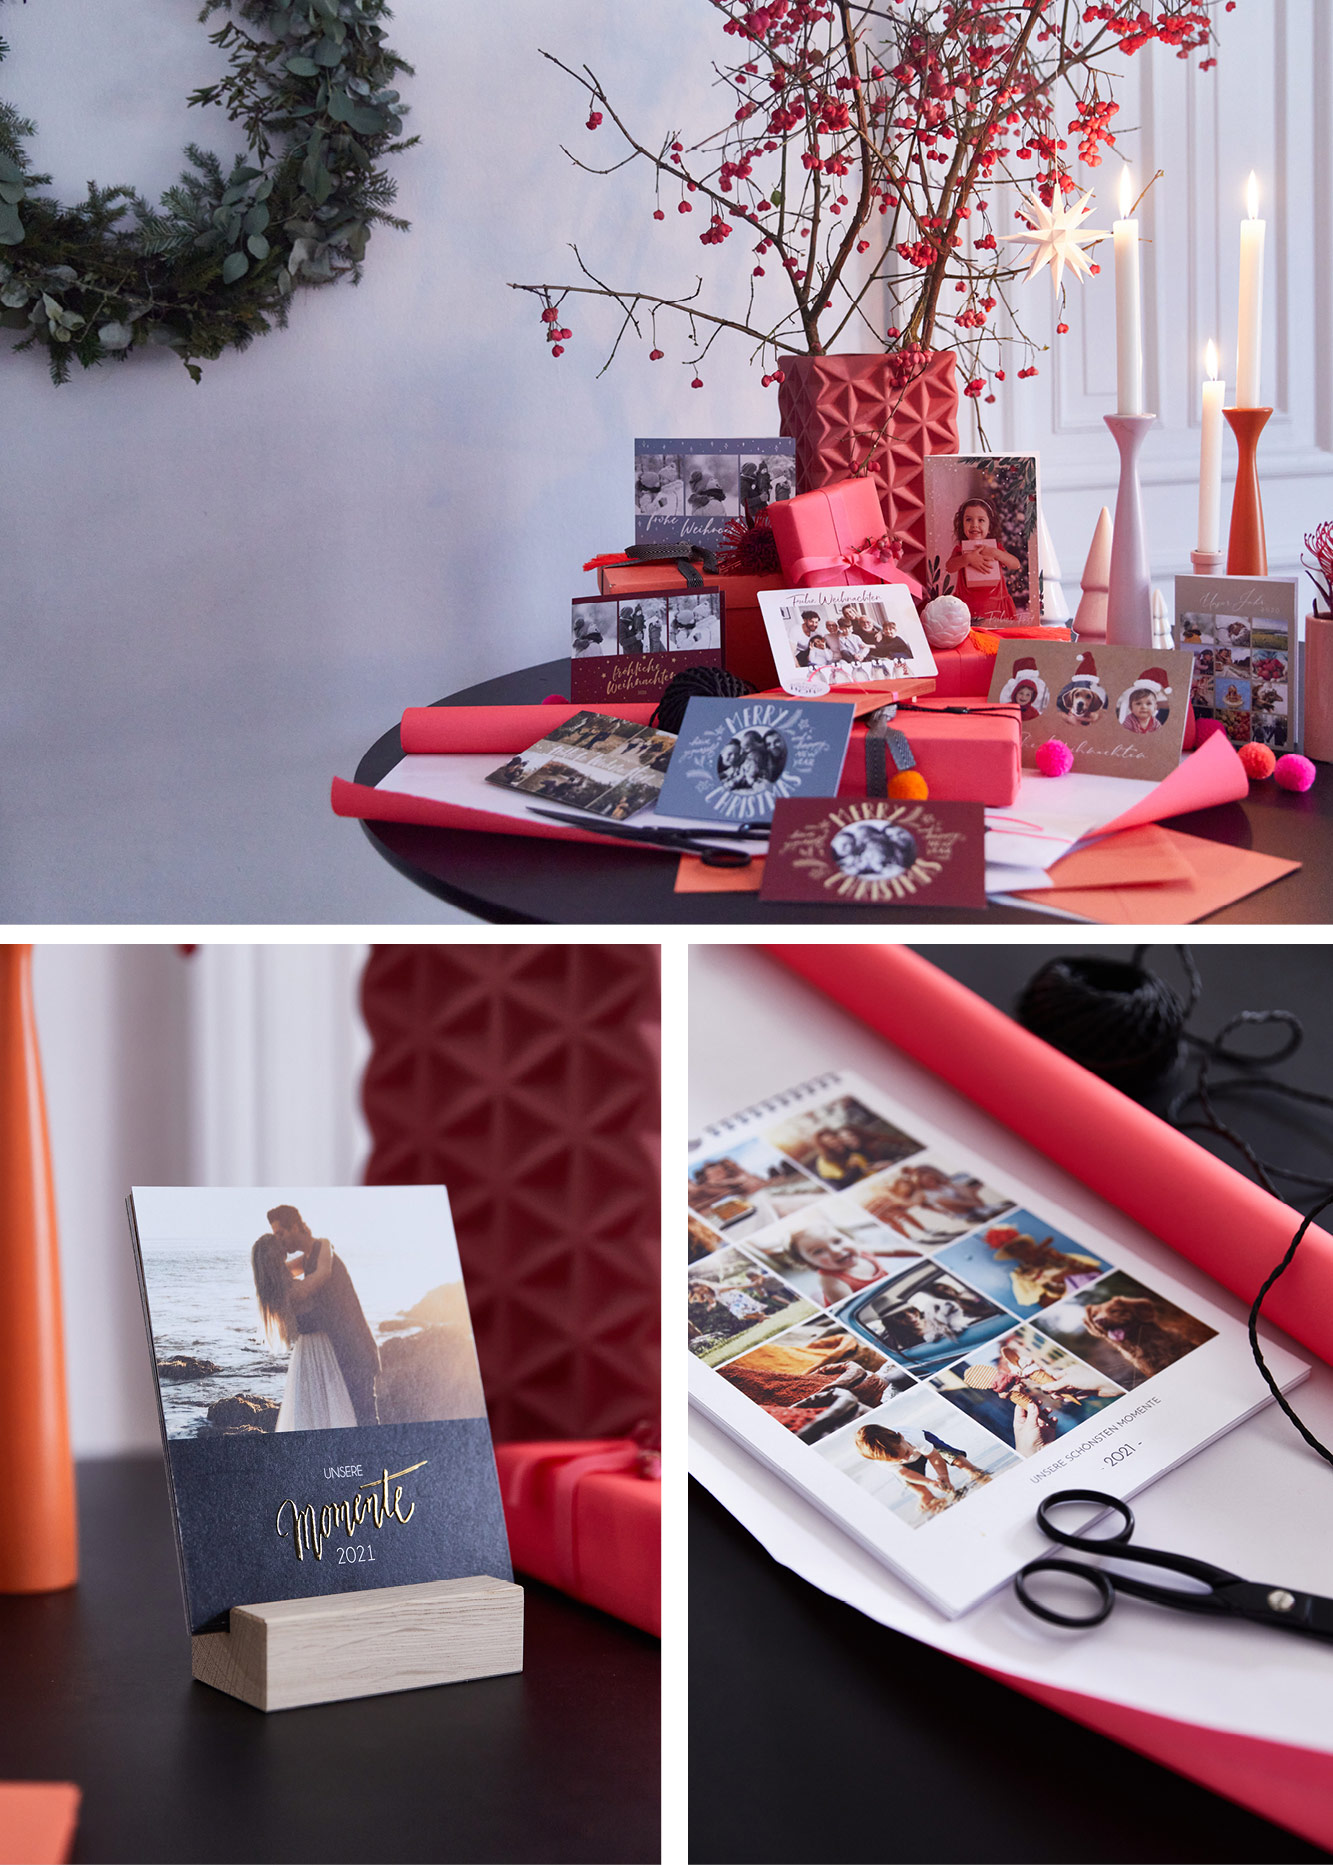 Weihnachtstisch, Weihnachtsgeschenke, selbstgemachte Fotokalender